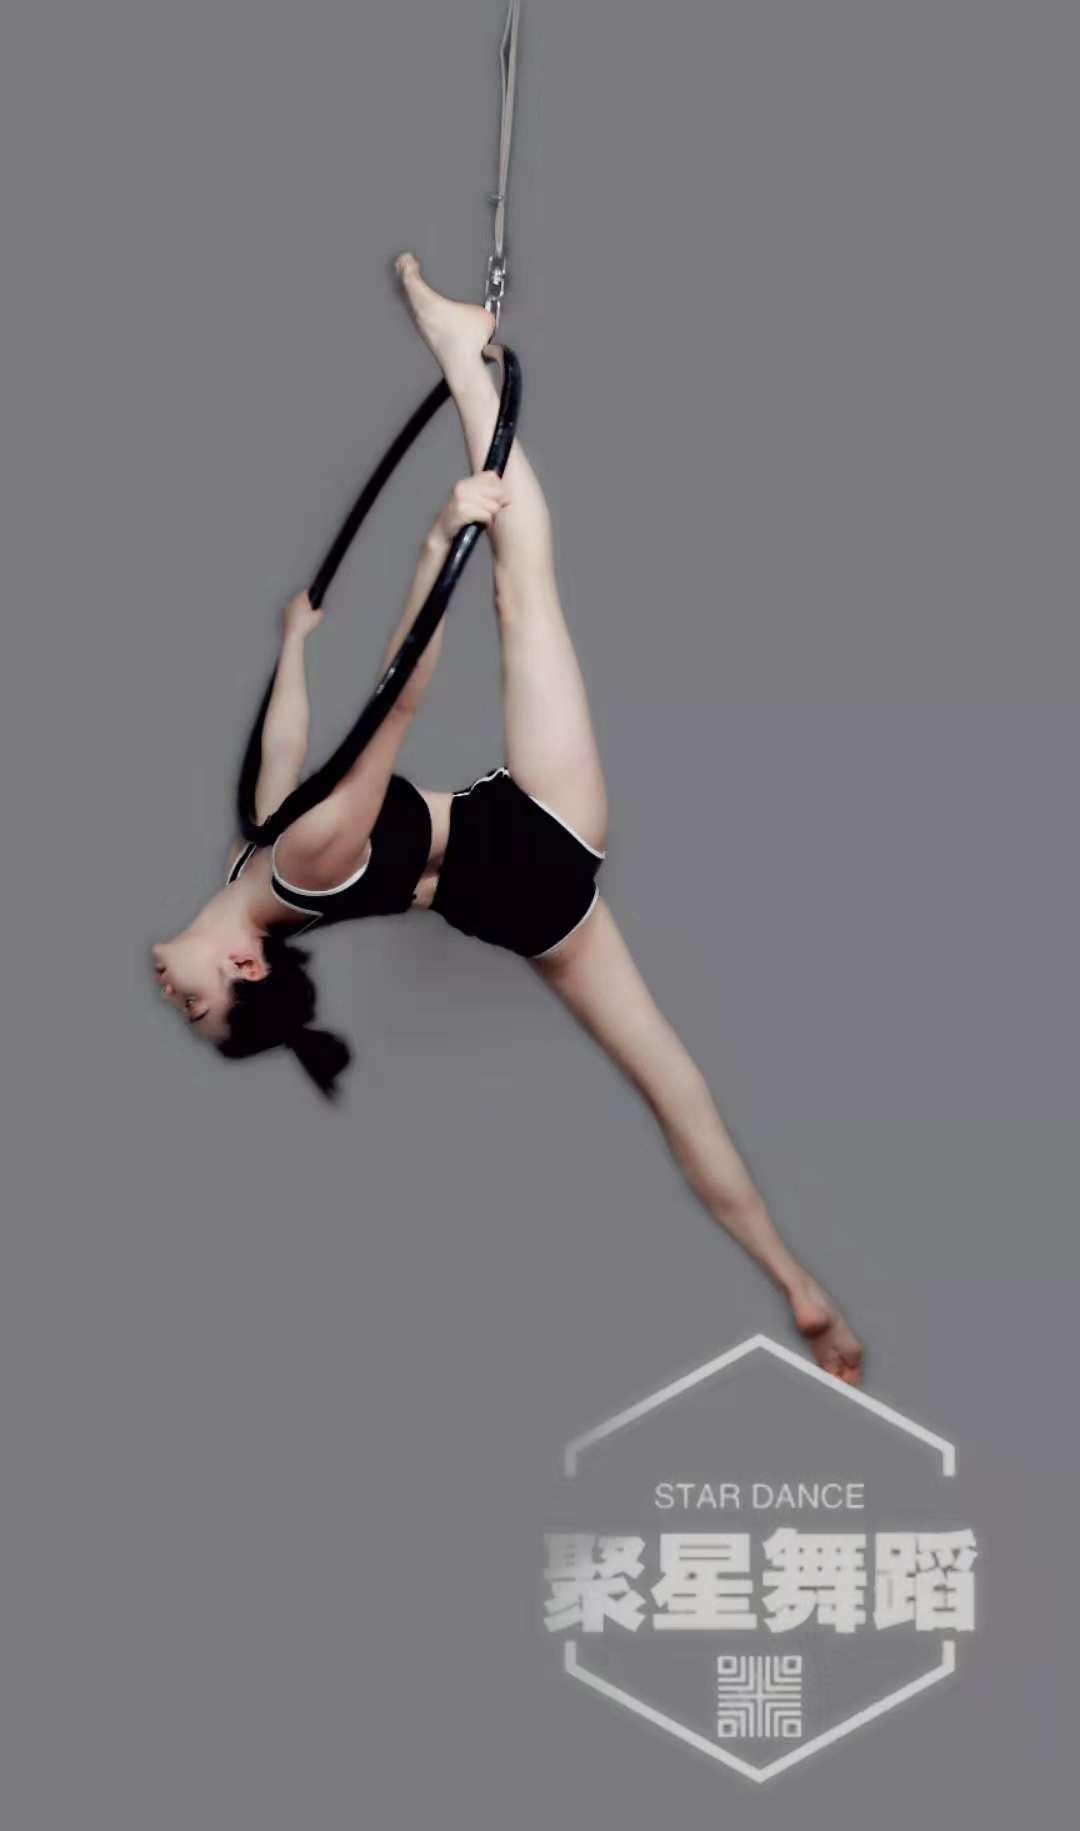 大理钢管舞培训 零基础培训钢管舞